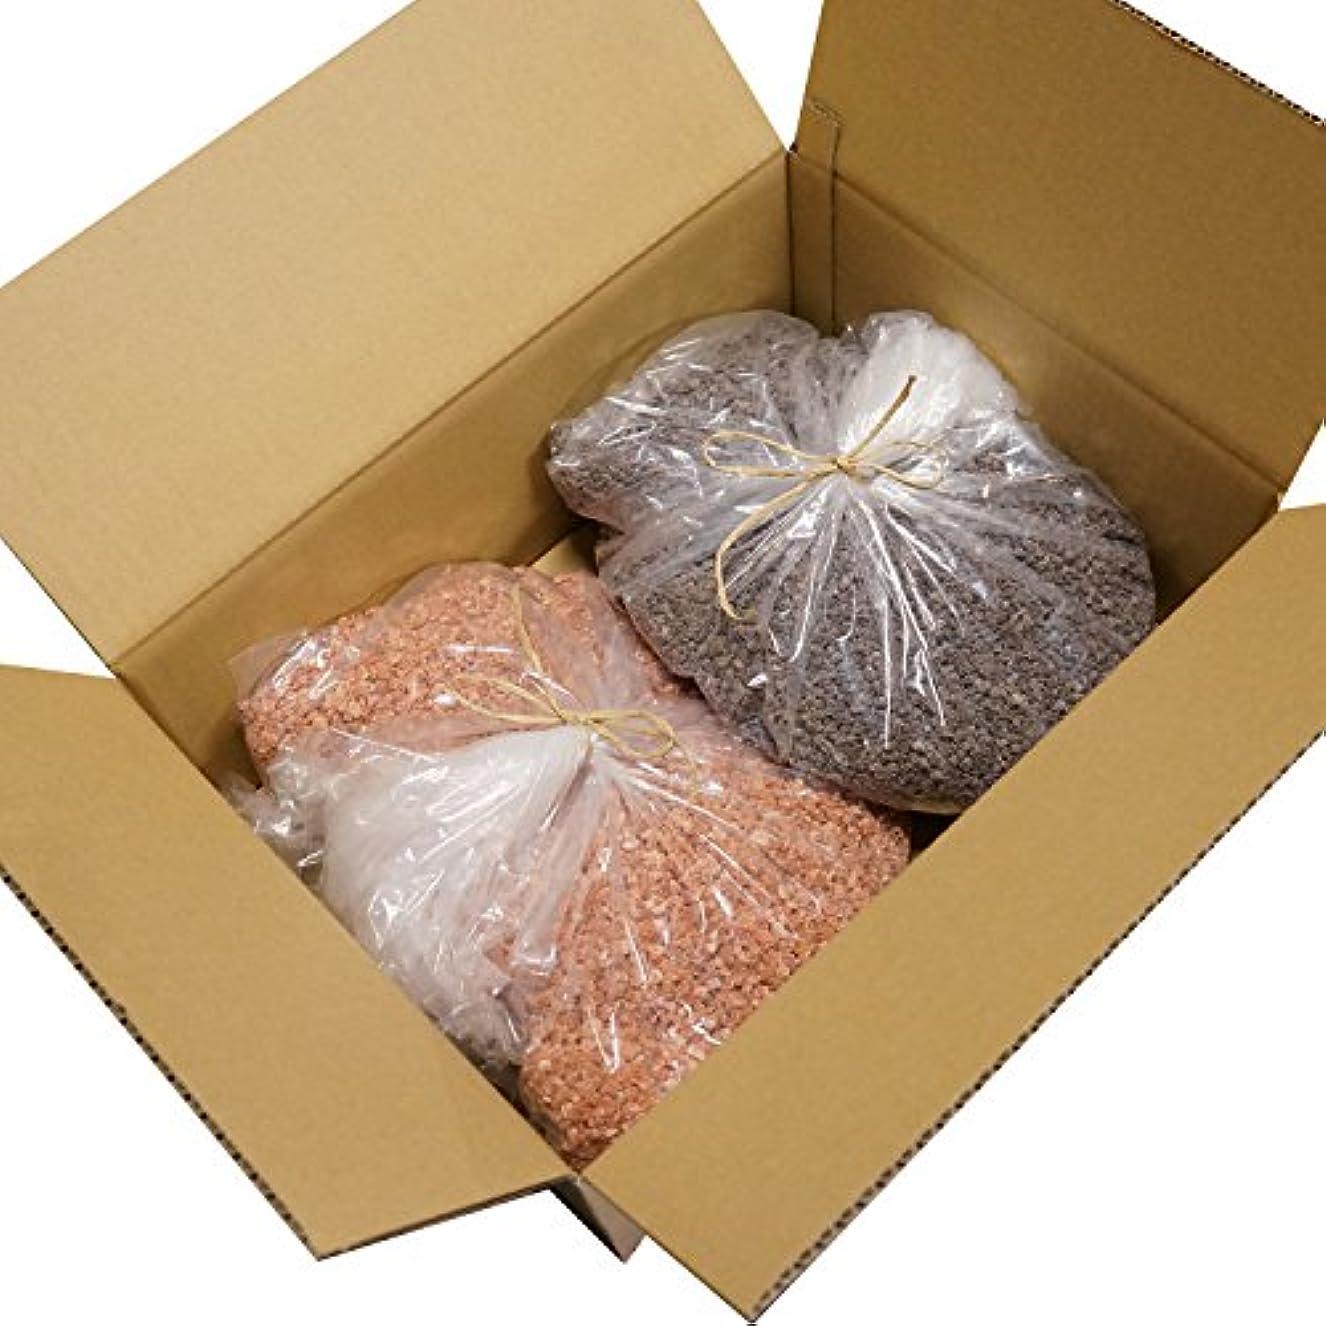 化合物保存解体するヒマラヤ岩塩 ピンク ブラック グレイン 各 10,000g 20kg 粗粒 ミル 原料